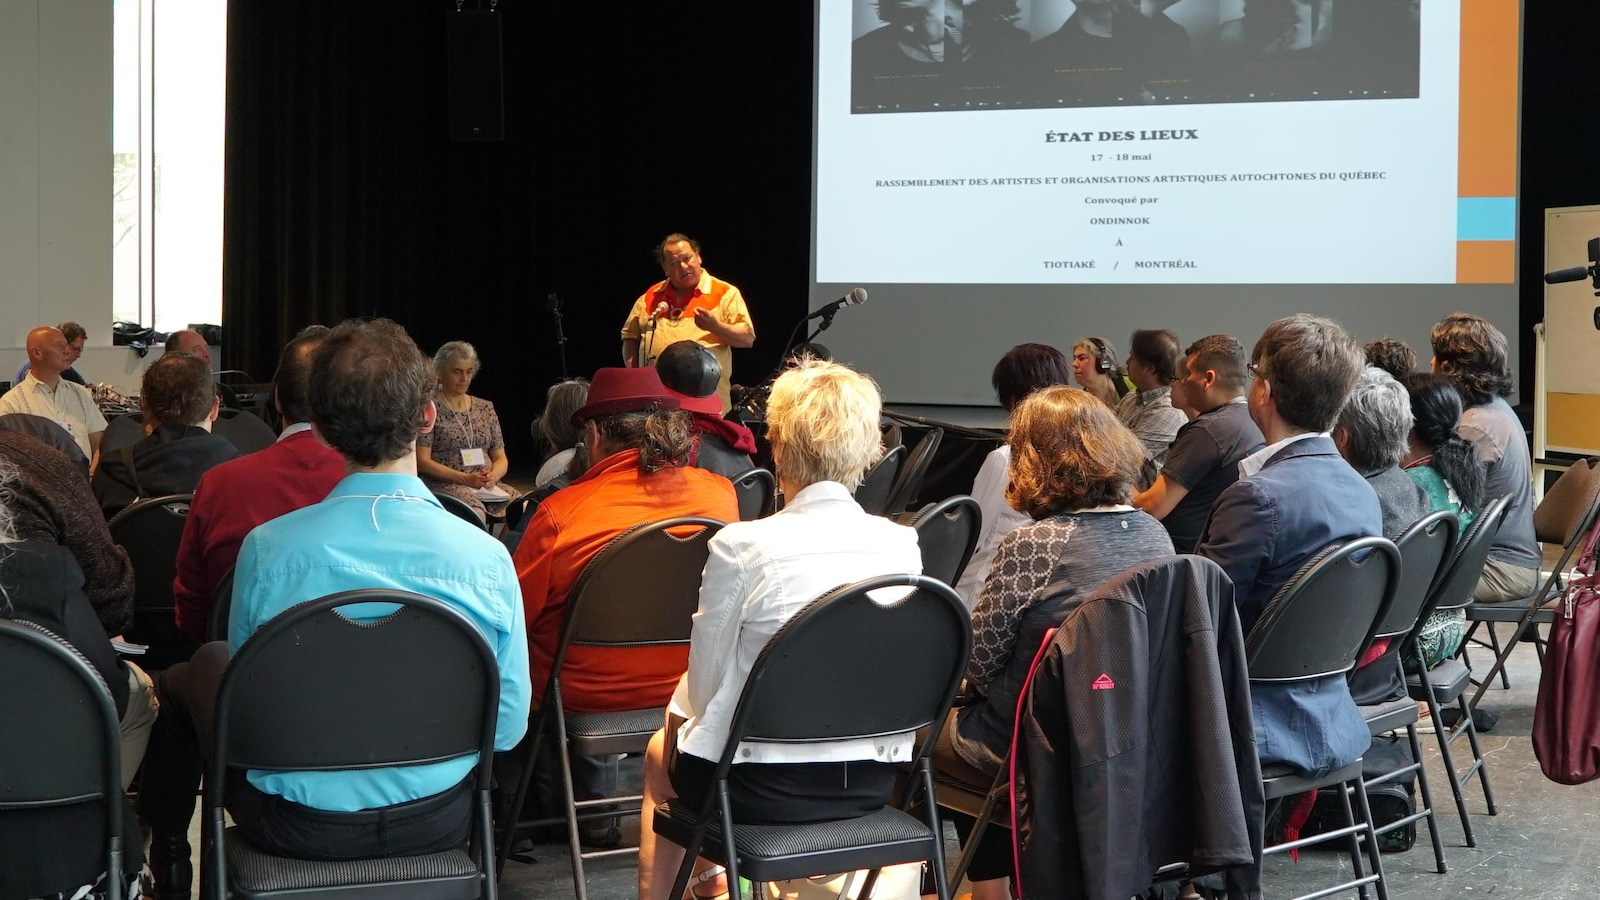 Ouverture du rassemblement des artistes et organisations artistiques autochtones du Québec avec l'aîné Otsi.tsa.ken:RA